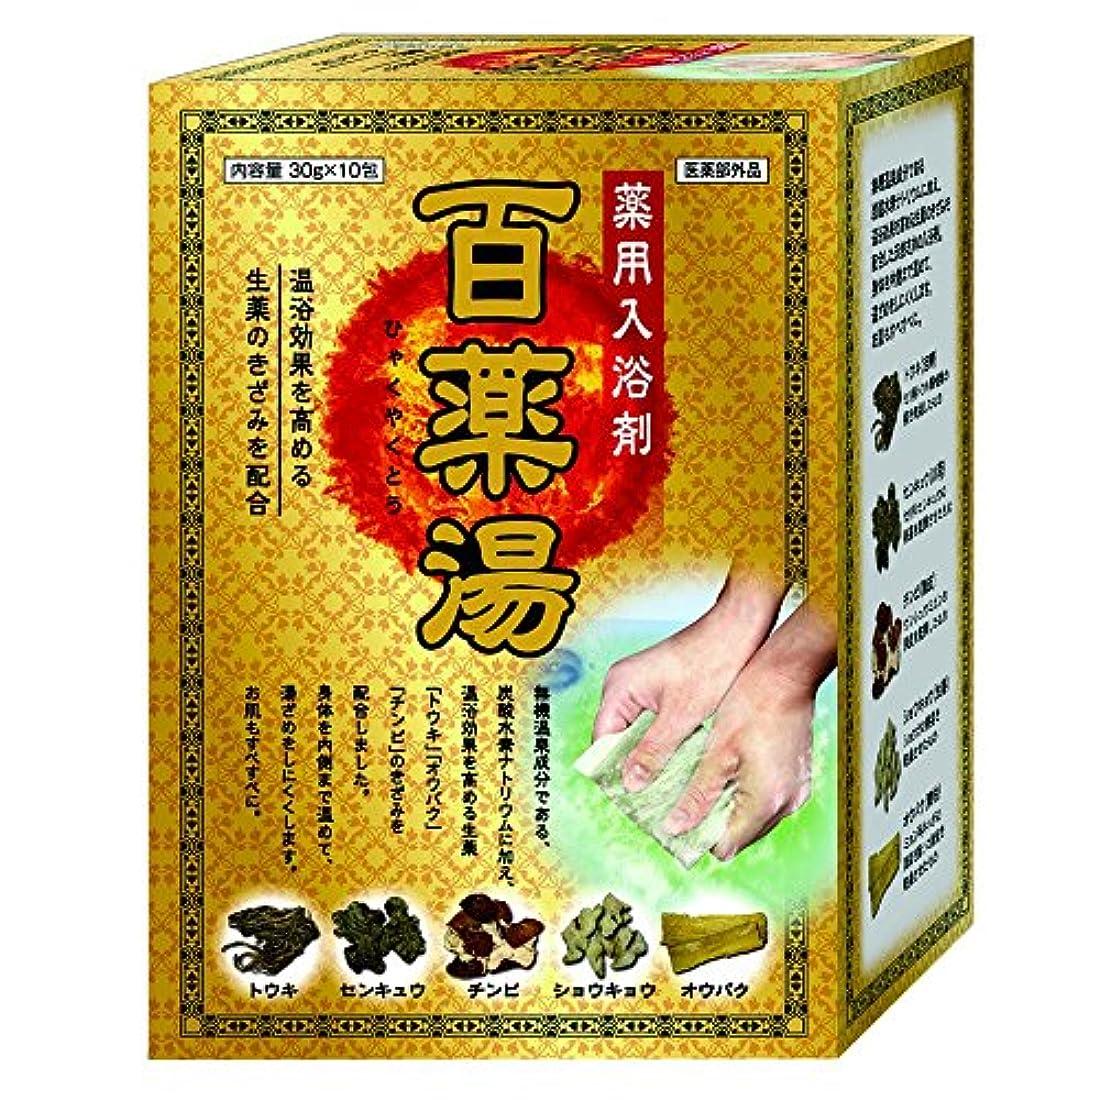 列車追記過剰百薬湯 薬用入浴剤 温浴効果を高める生薬のきざみを配合 30g×10包 (医薬部外品)